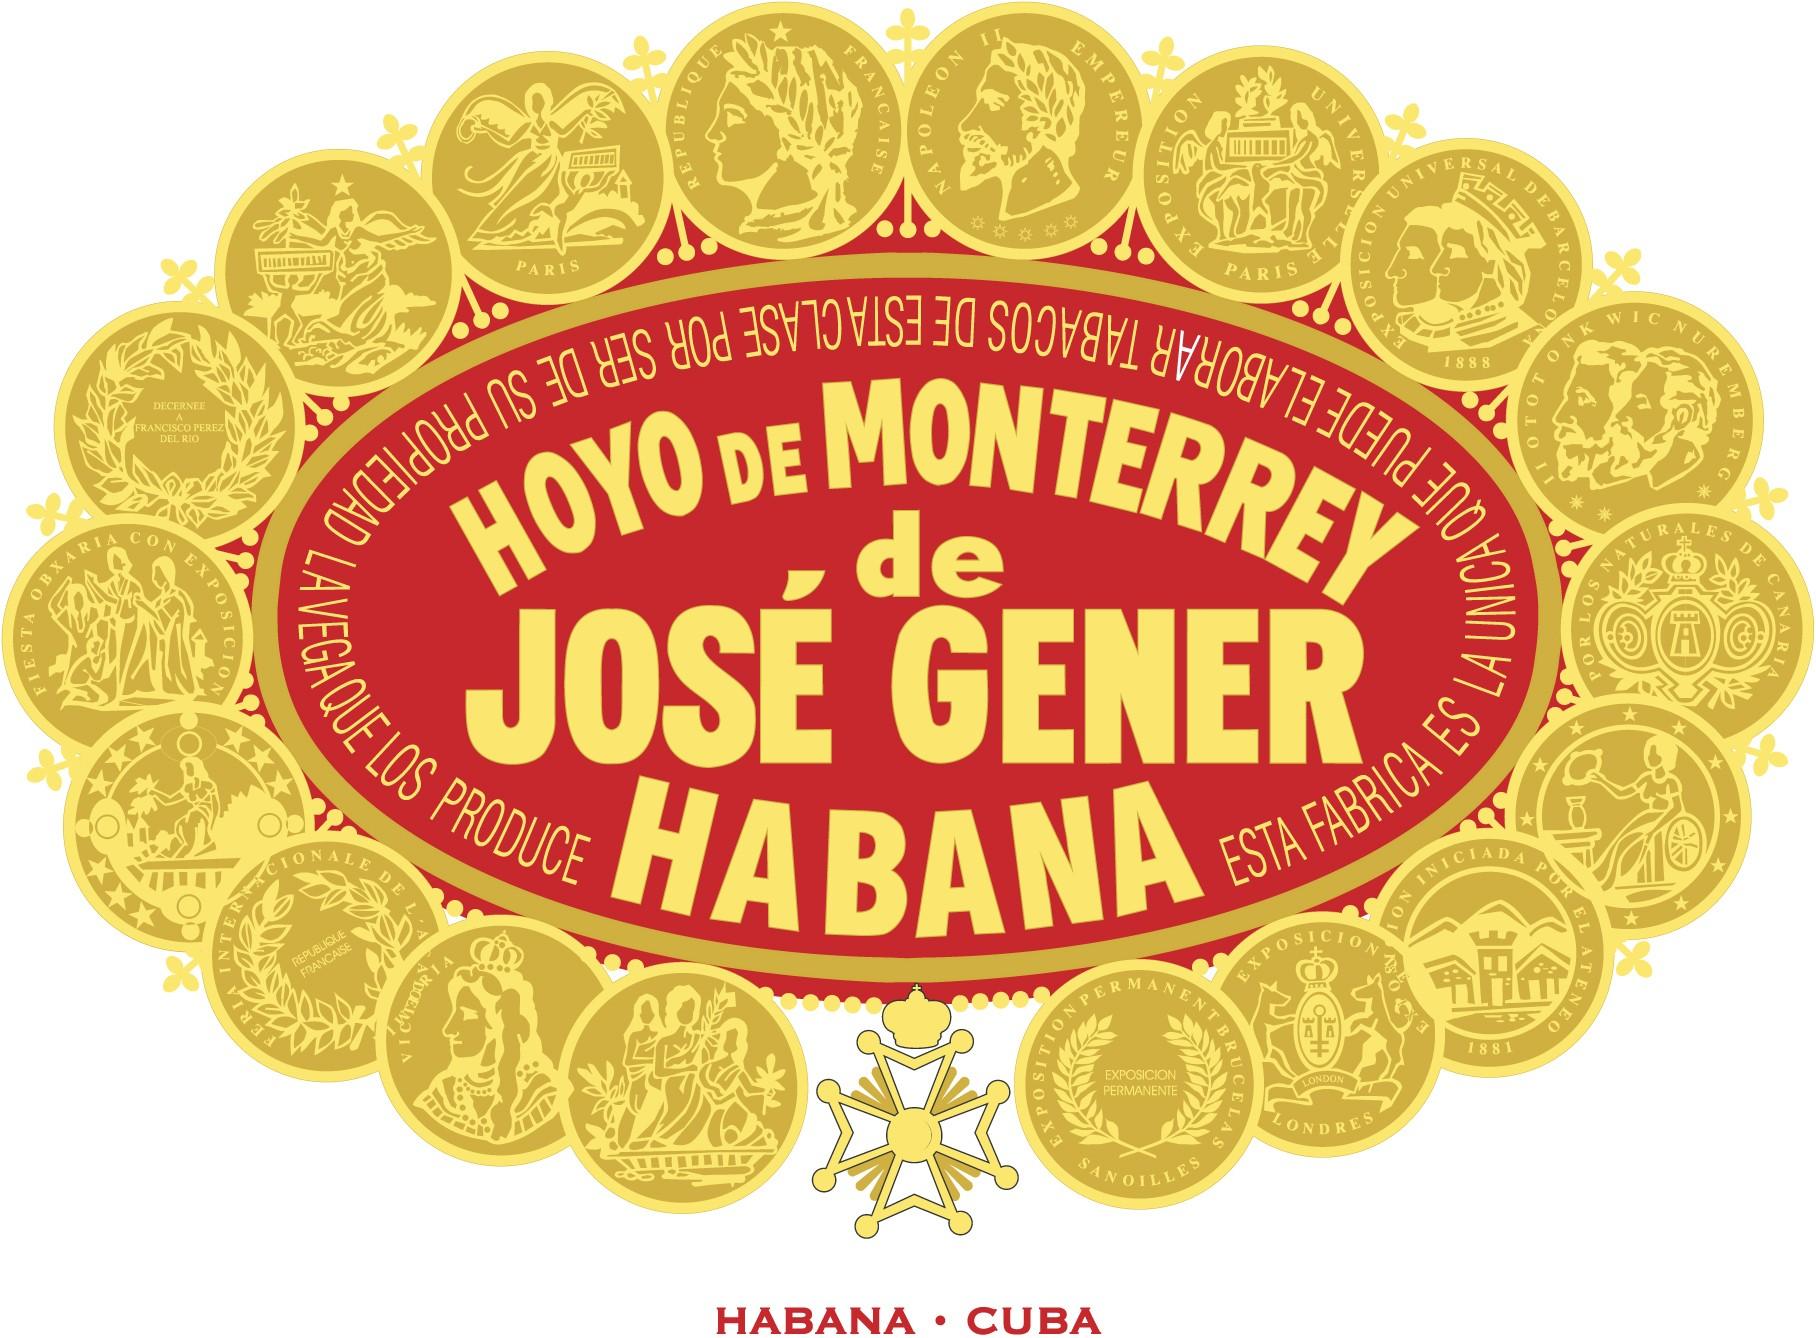 hoyo_de_monterrey_palmas_cigar_club_emszk_hungary_2.jpg